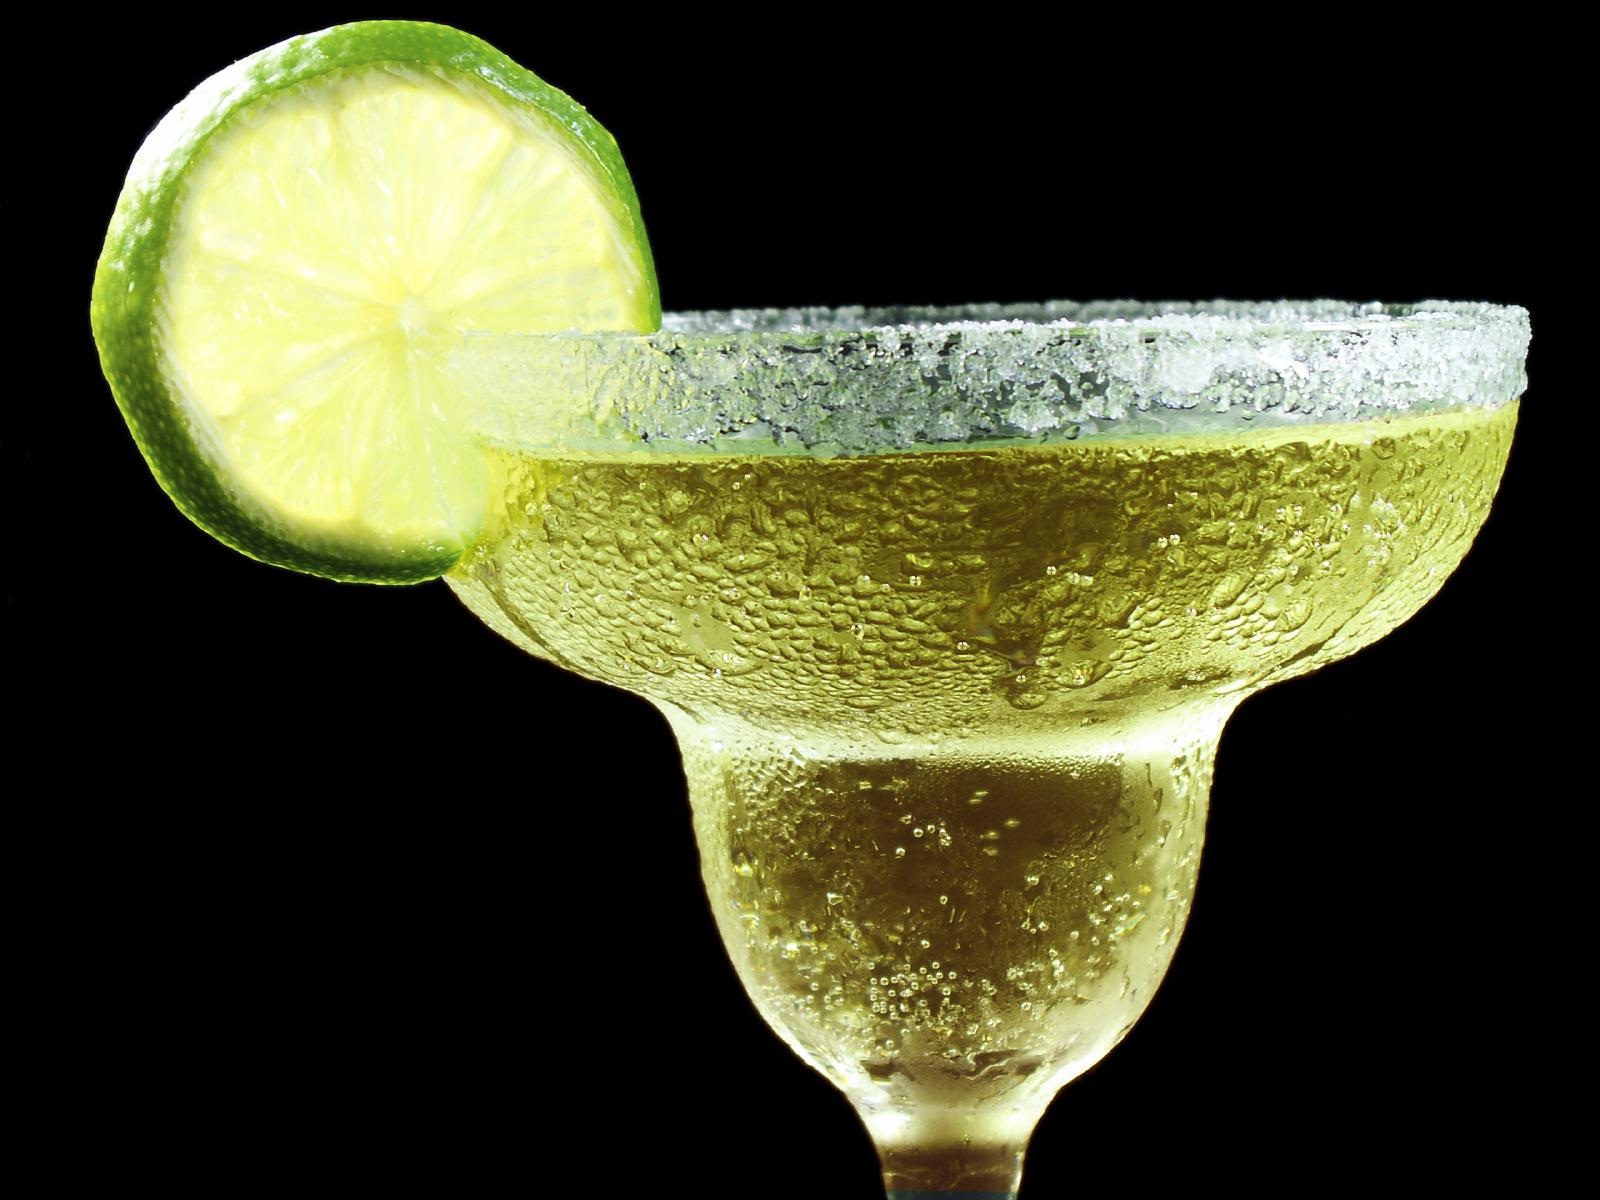 Margarita Cocktail Wallpaper | www.pixshark.com - Images ...